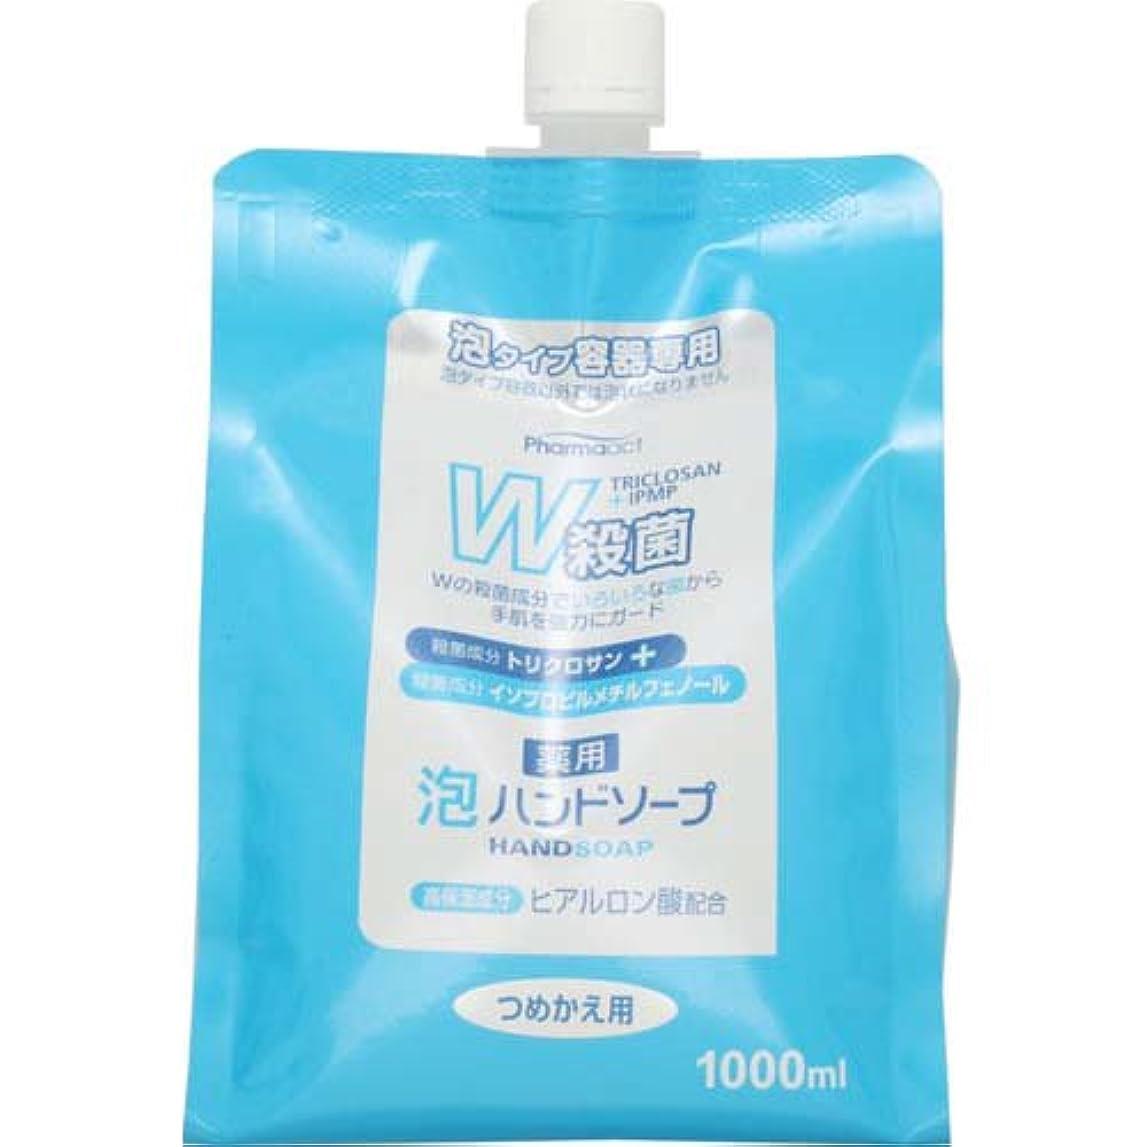 熱心な困惑するエステートファーマアクト W殺菌薬用泡ハンドソープ スパウト付き詰替 1000ml